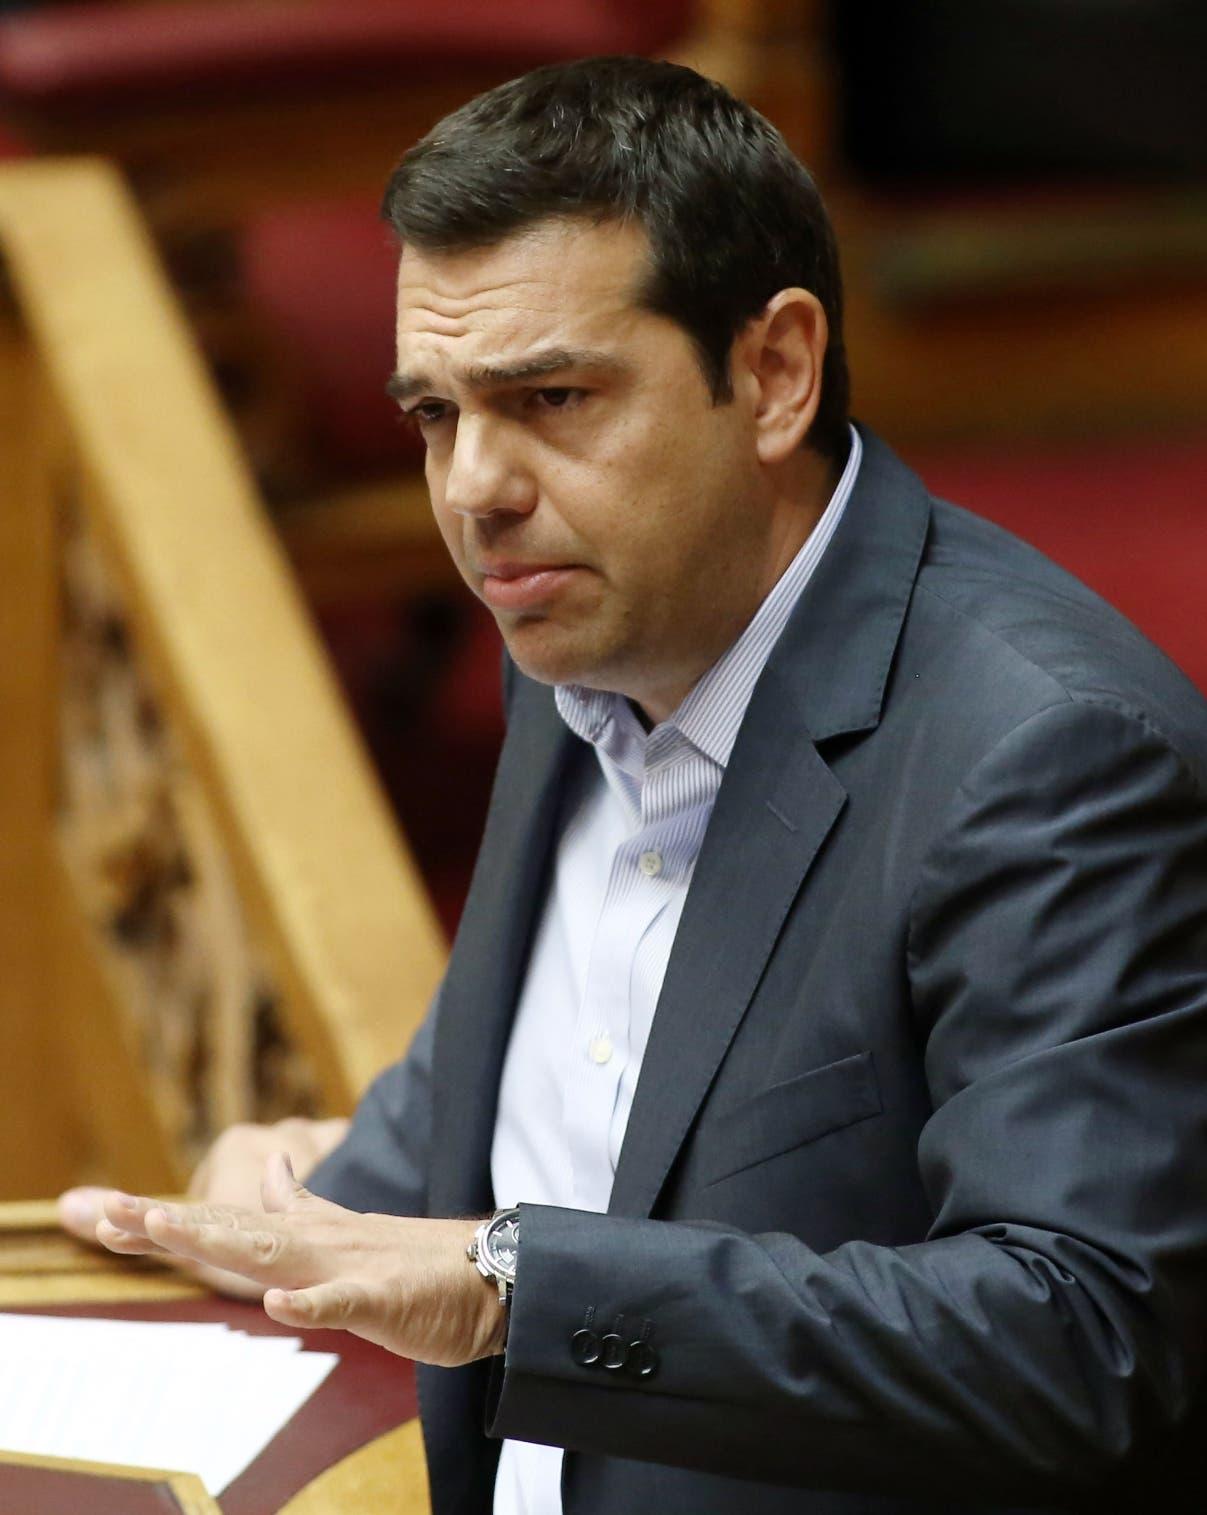 GREECE-EU-POLITICS-DEBT-ECONOMY